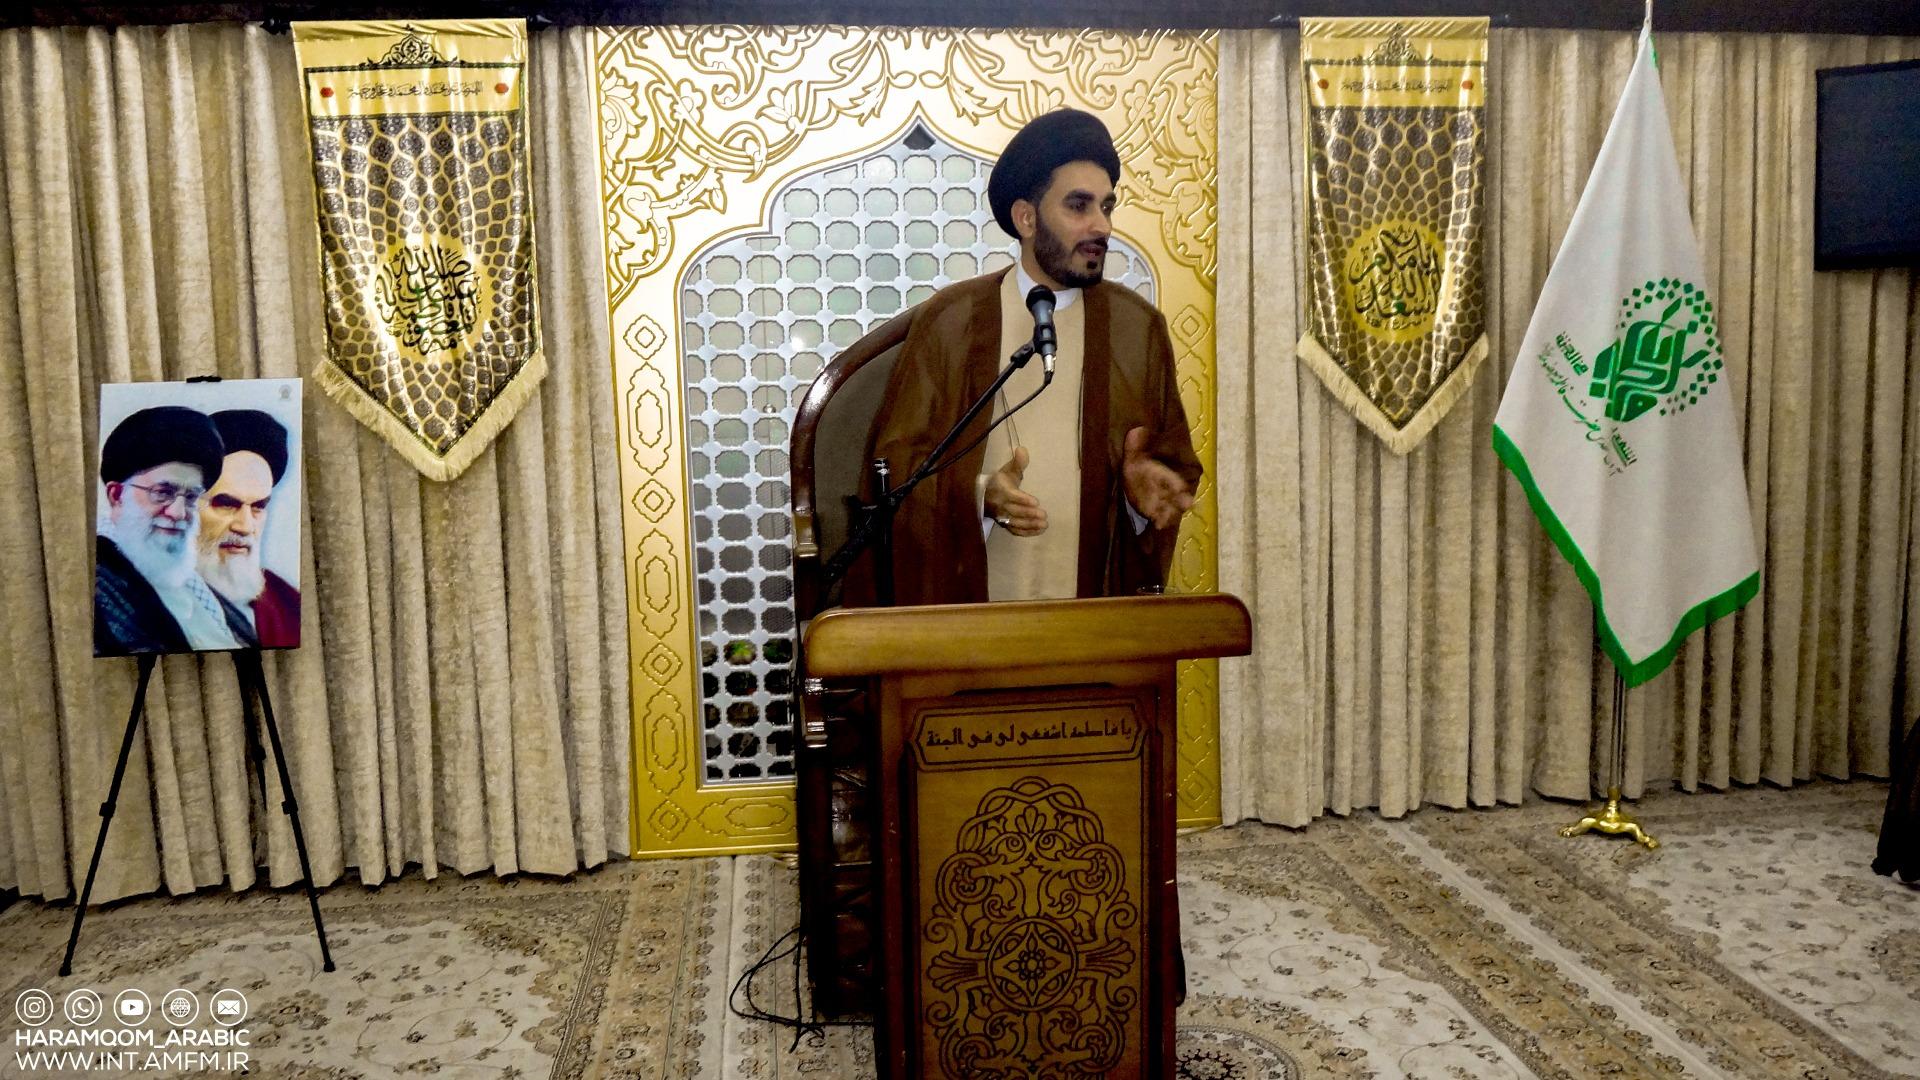 مراسم عيد الغدير الأغر التي أقيمت في إدارة الزائرين التابعة للحرم الشريف